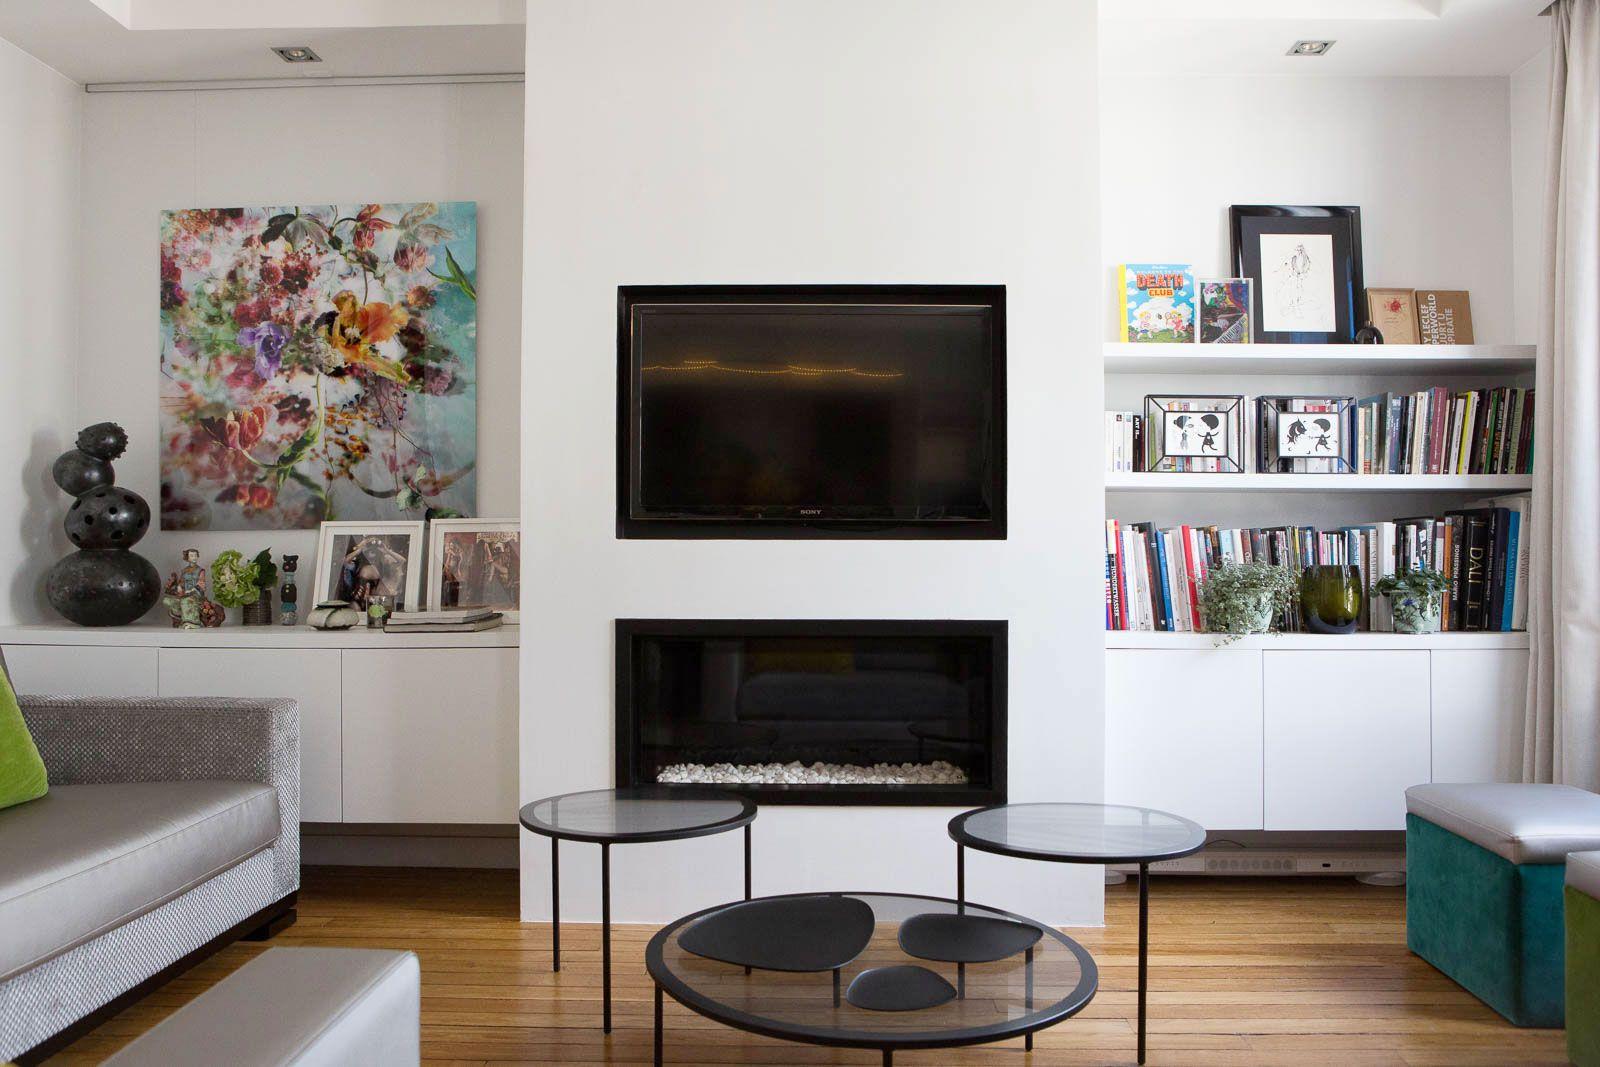 Idée des meubles suspendus bas tout le long du mur avec